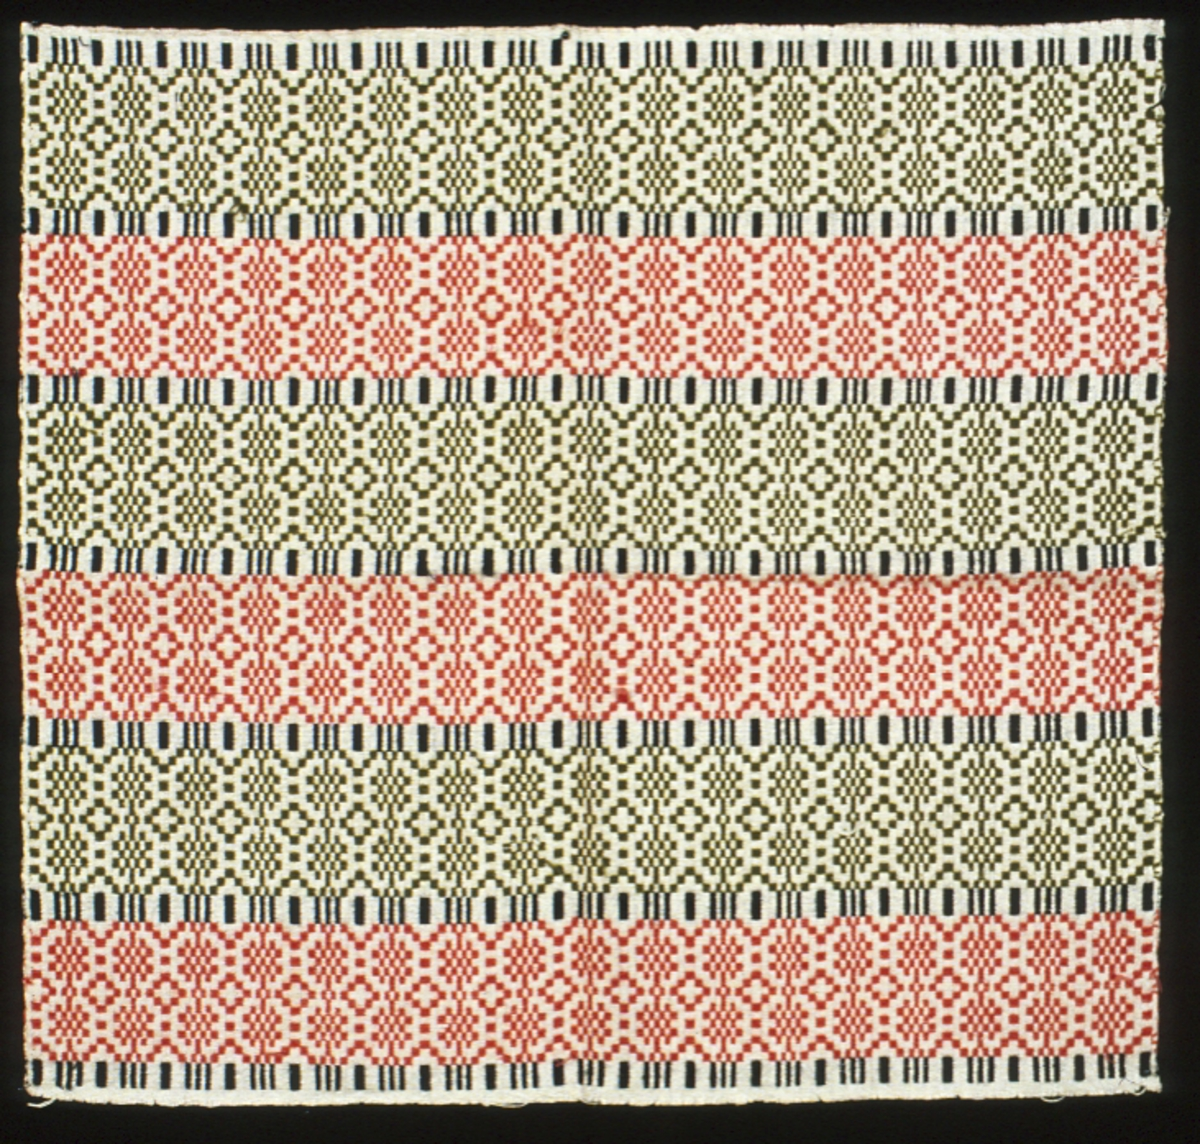 """Vävprov i opphämta. Yttäckande bottenmönster som blir tvärrandigt i färgerna rosa och grönt samt smala avdelade ränder i mörkblått på botten av halvblekt lingarn. Stadkanter i två sidor, kastad i två sidor. Varp i halvblekt 1-trådigt lingarn, 14 trådar/cm. Botteninslag samma som varpgarnet, 8 trådar/cm, ett botteninslag mellan varje mönsterinslag. Mönsterinslag i kulört 1-trådigt ullgarn, två trådar tillsammans. Vidhängande etikett med handskriven text: """"Profväfnaden N° 14""""."""